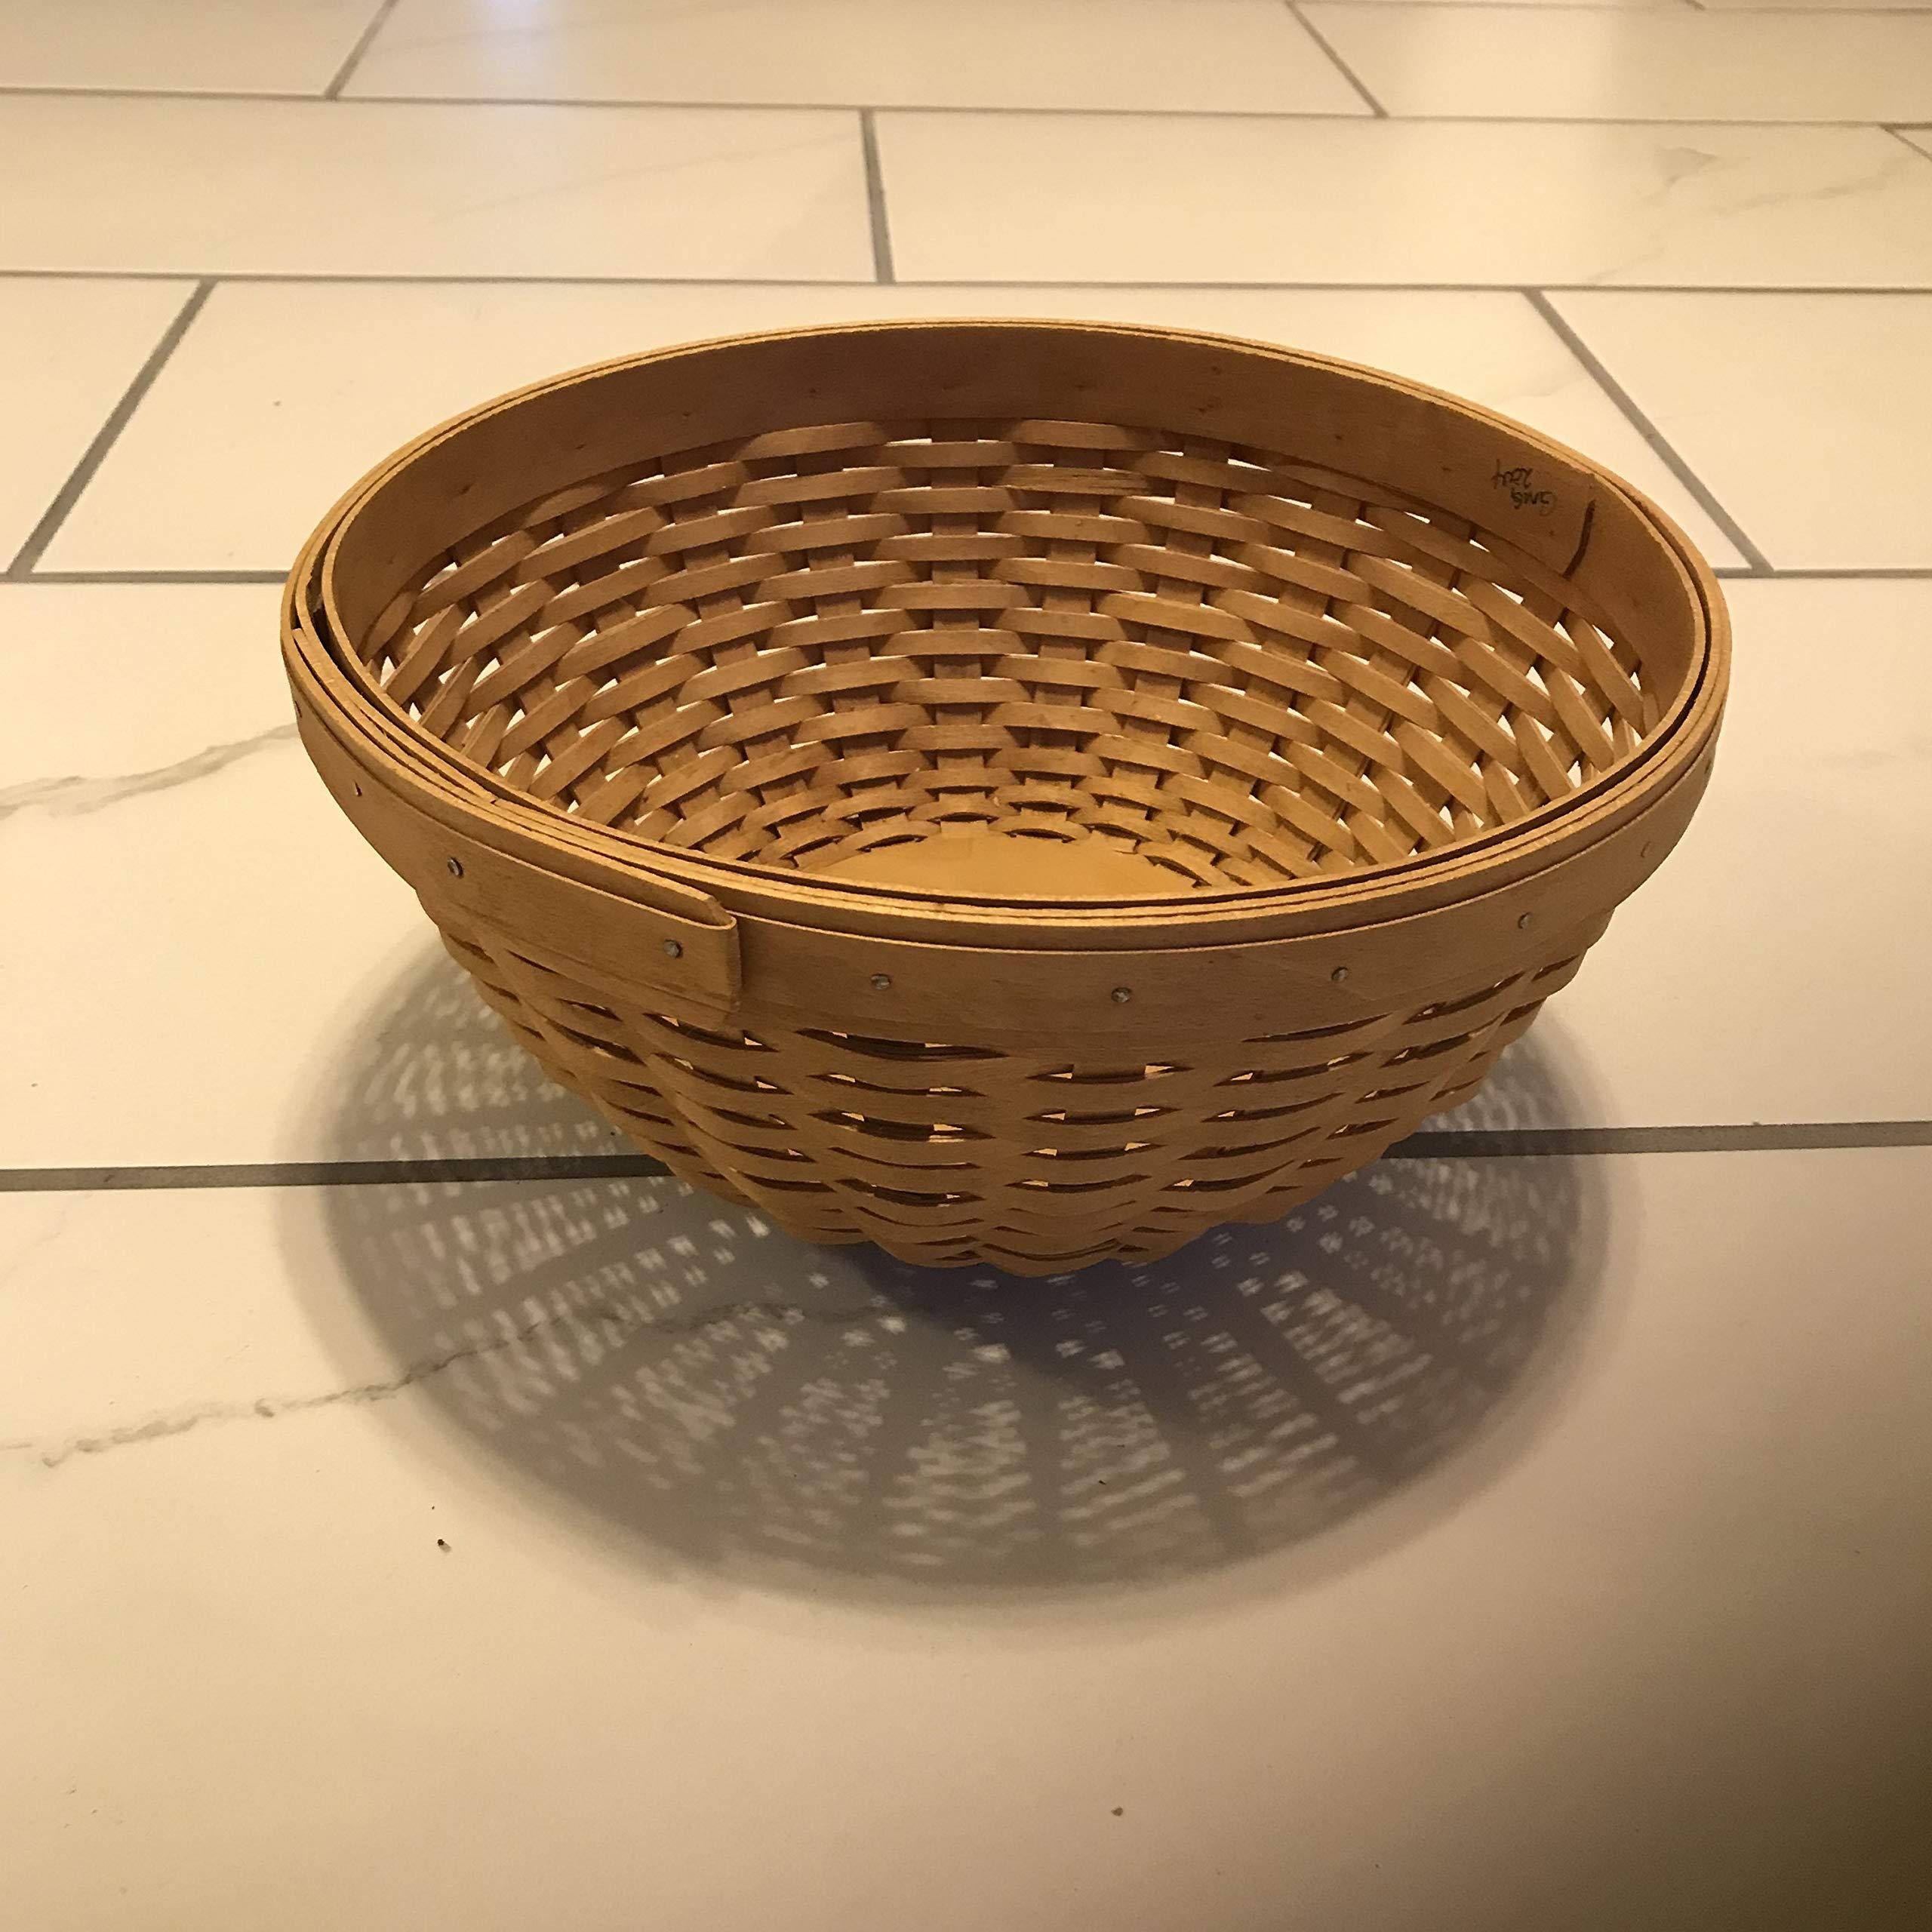 Longaberger Large Round Basket Bowl